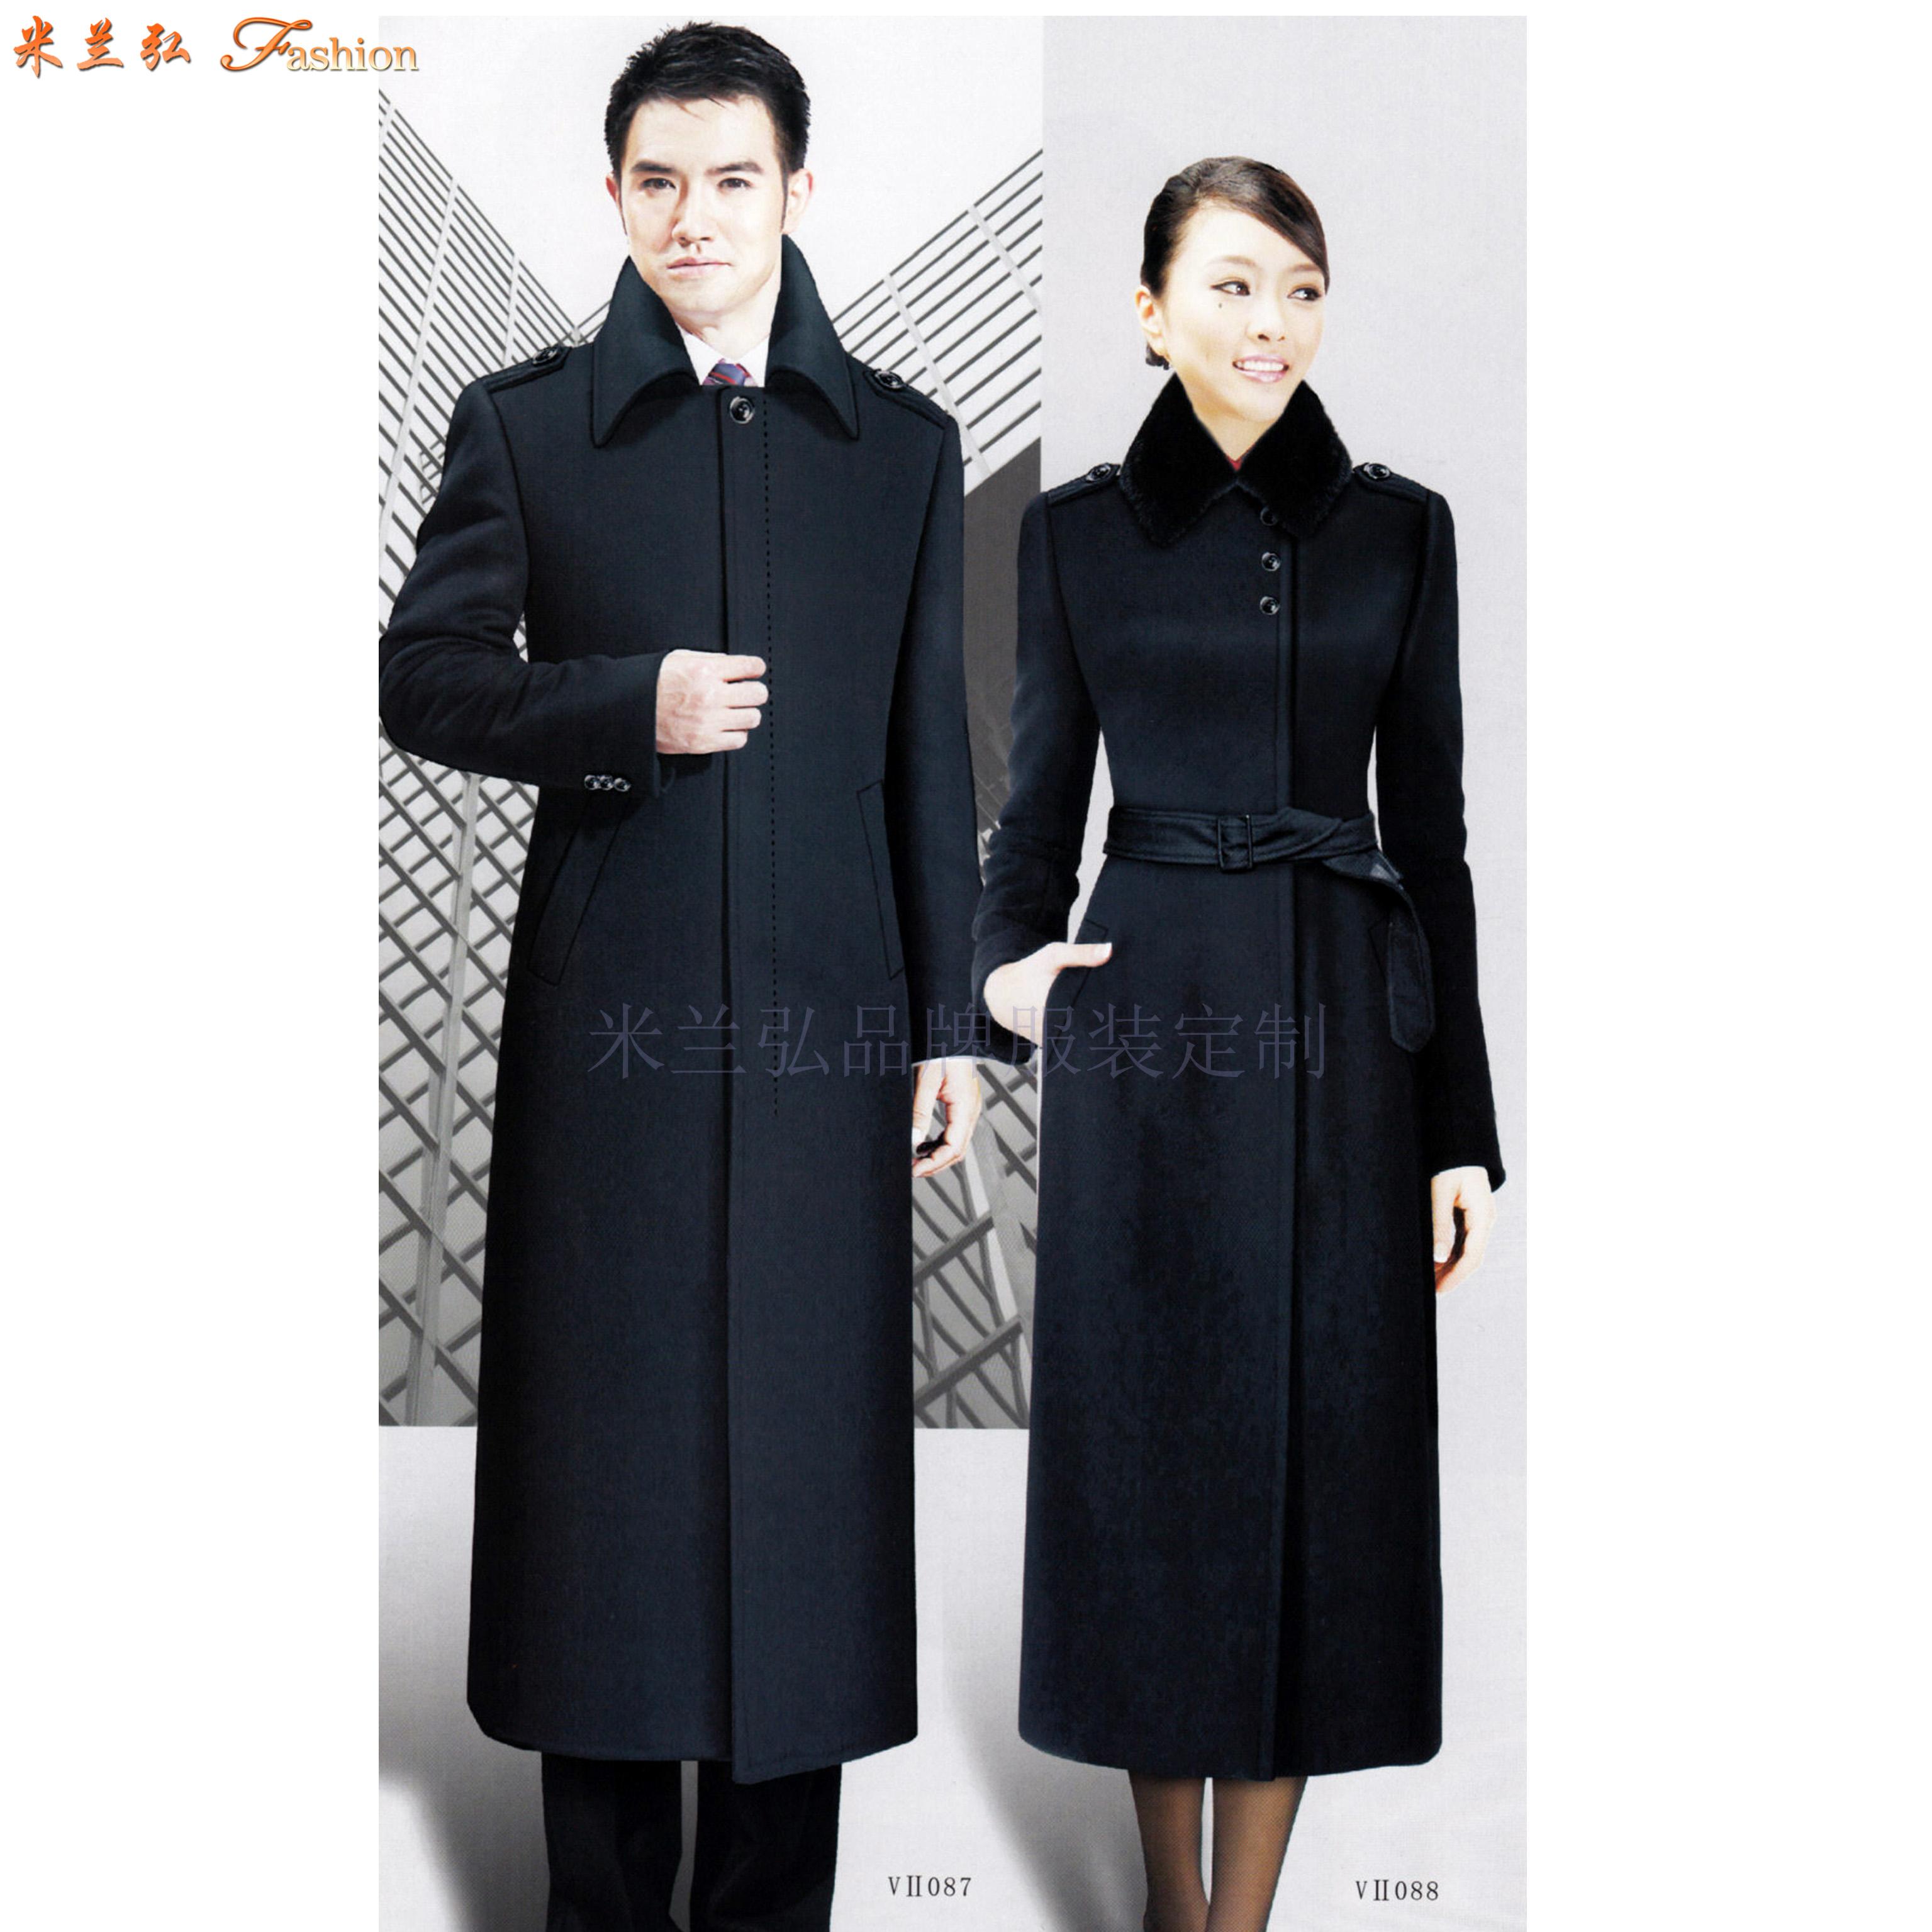 「渭南大衣定制」陜西保暖雙層大衣訂制-米蘭弘服裝-5